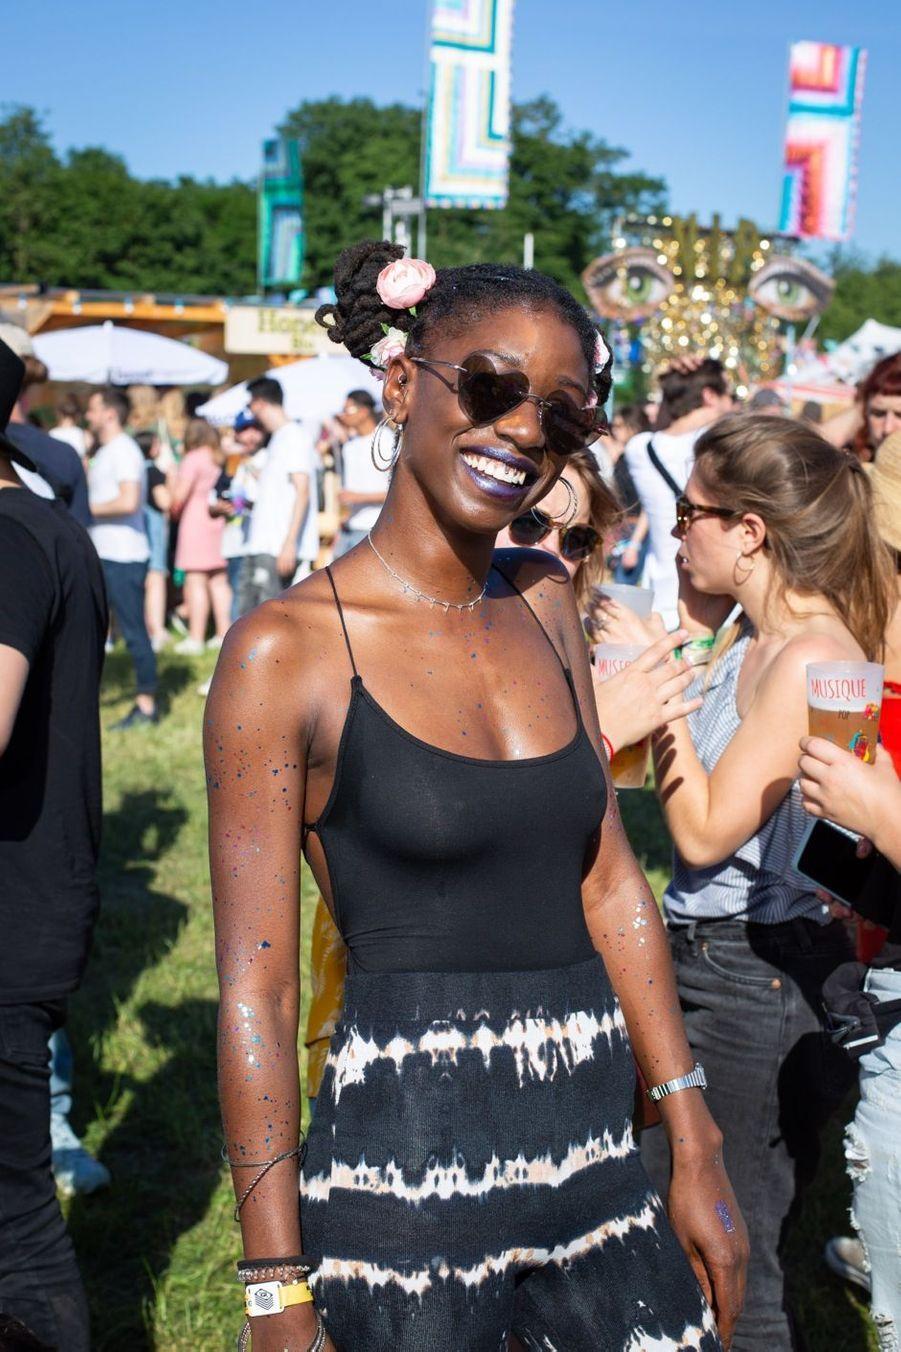 Marie, 27 ans vit à Saint-Denis et travaille chez Apple. C'est la deuxième fois qu'elle vient au Festival et cette année c'est pour écouter Erykah Badu.